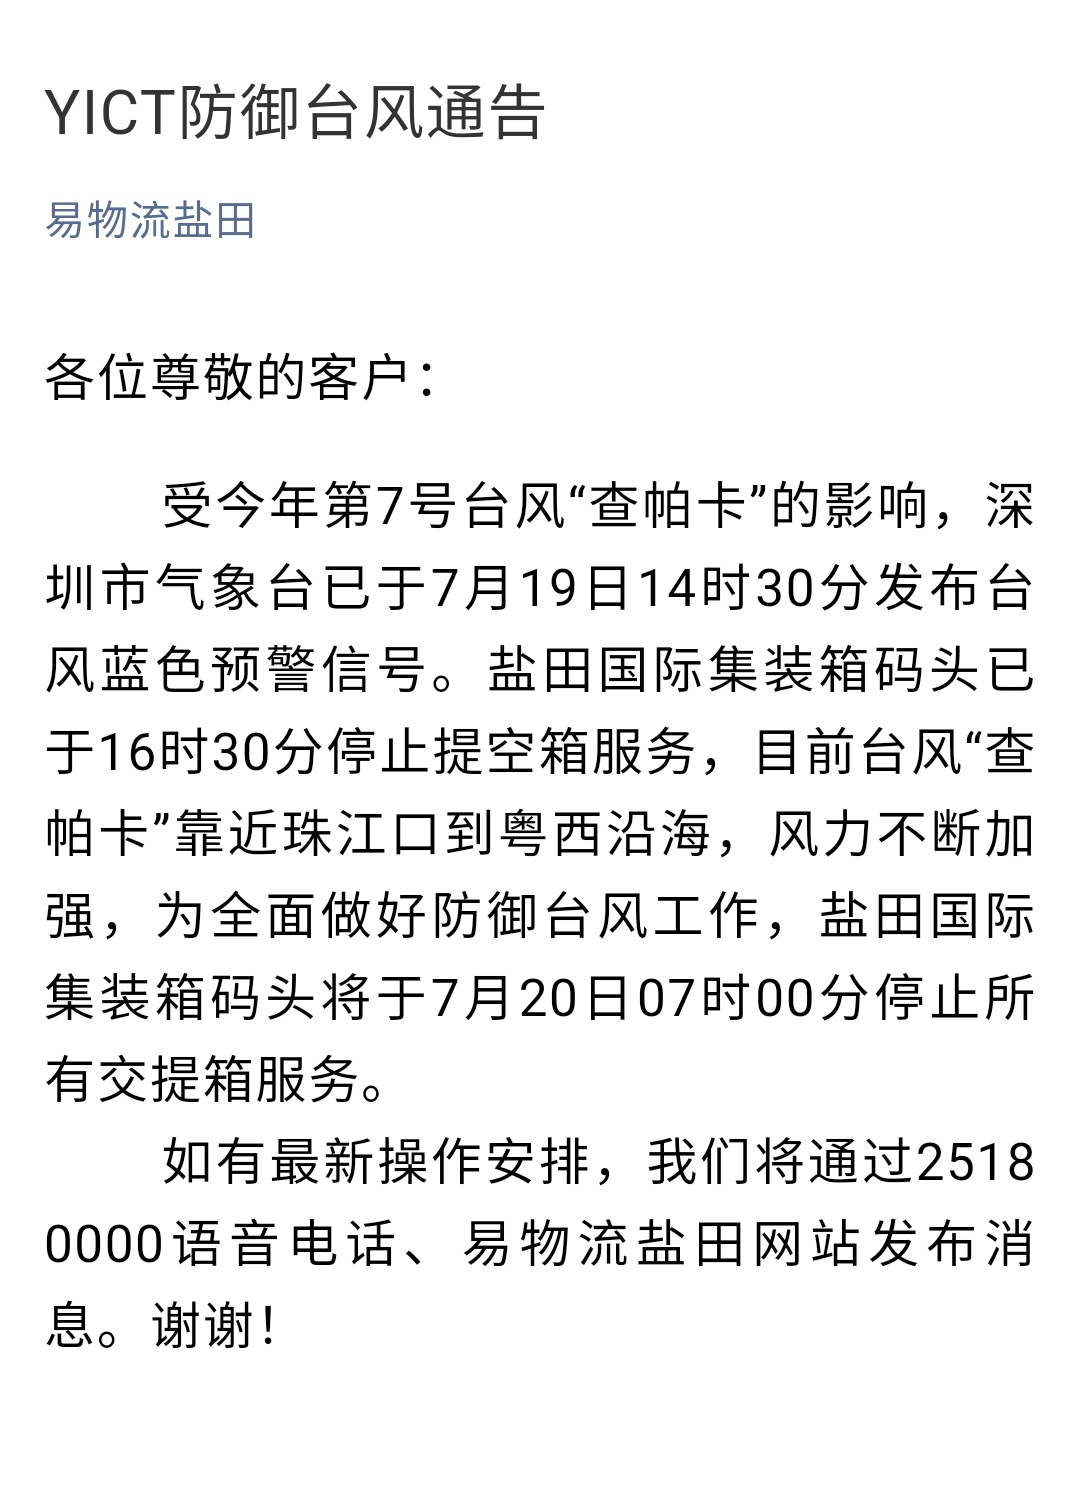 盐田港防御台风通告1.jpg